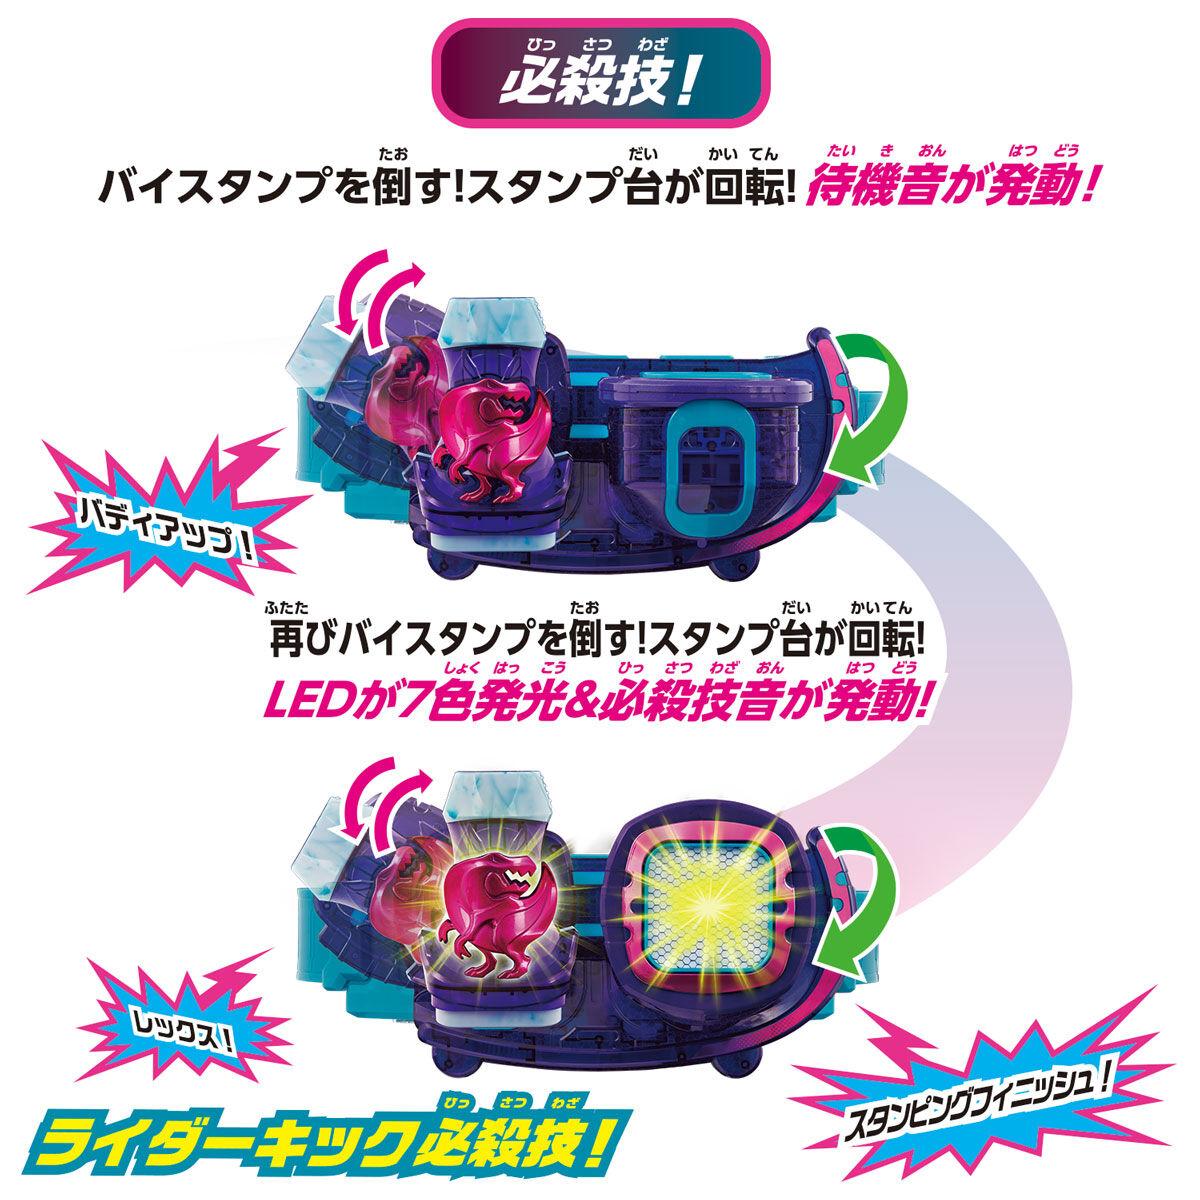 仮面ライダーリバイス 変身ベルト『DXリバイスドライバー』変身なりきり-006